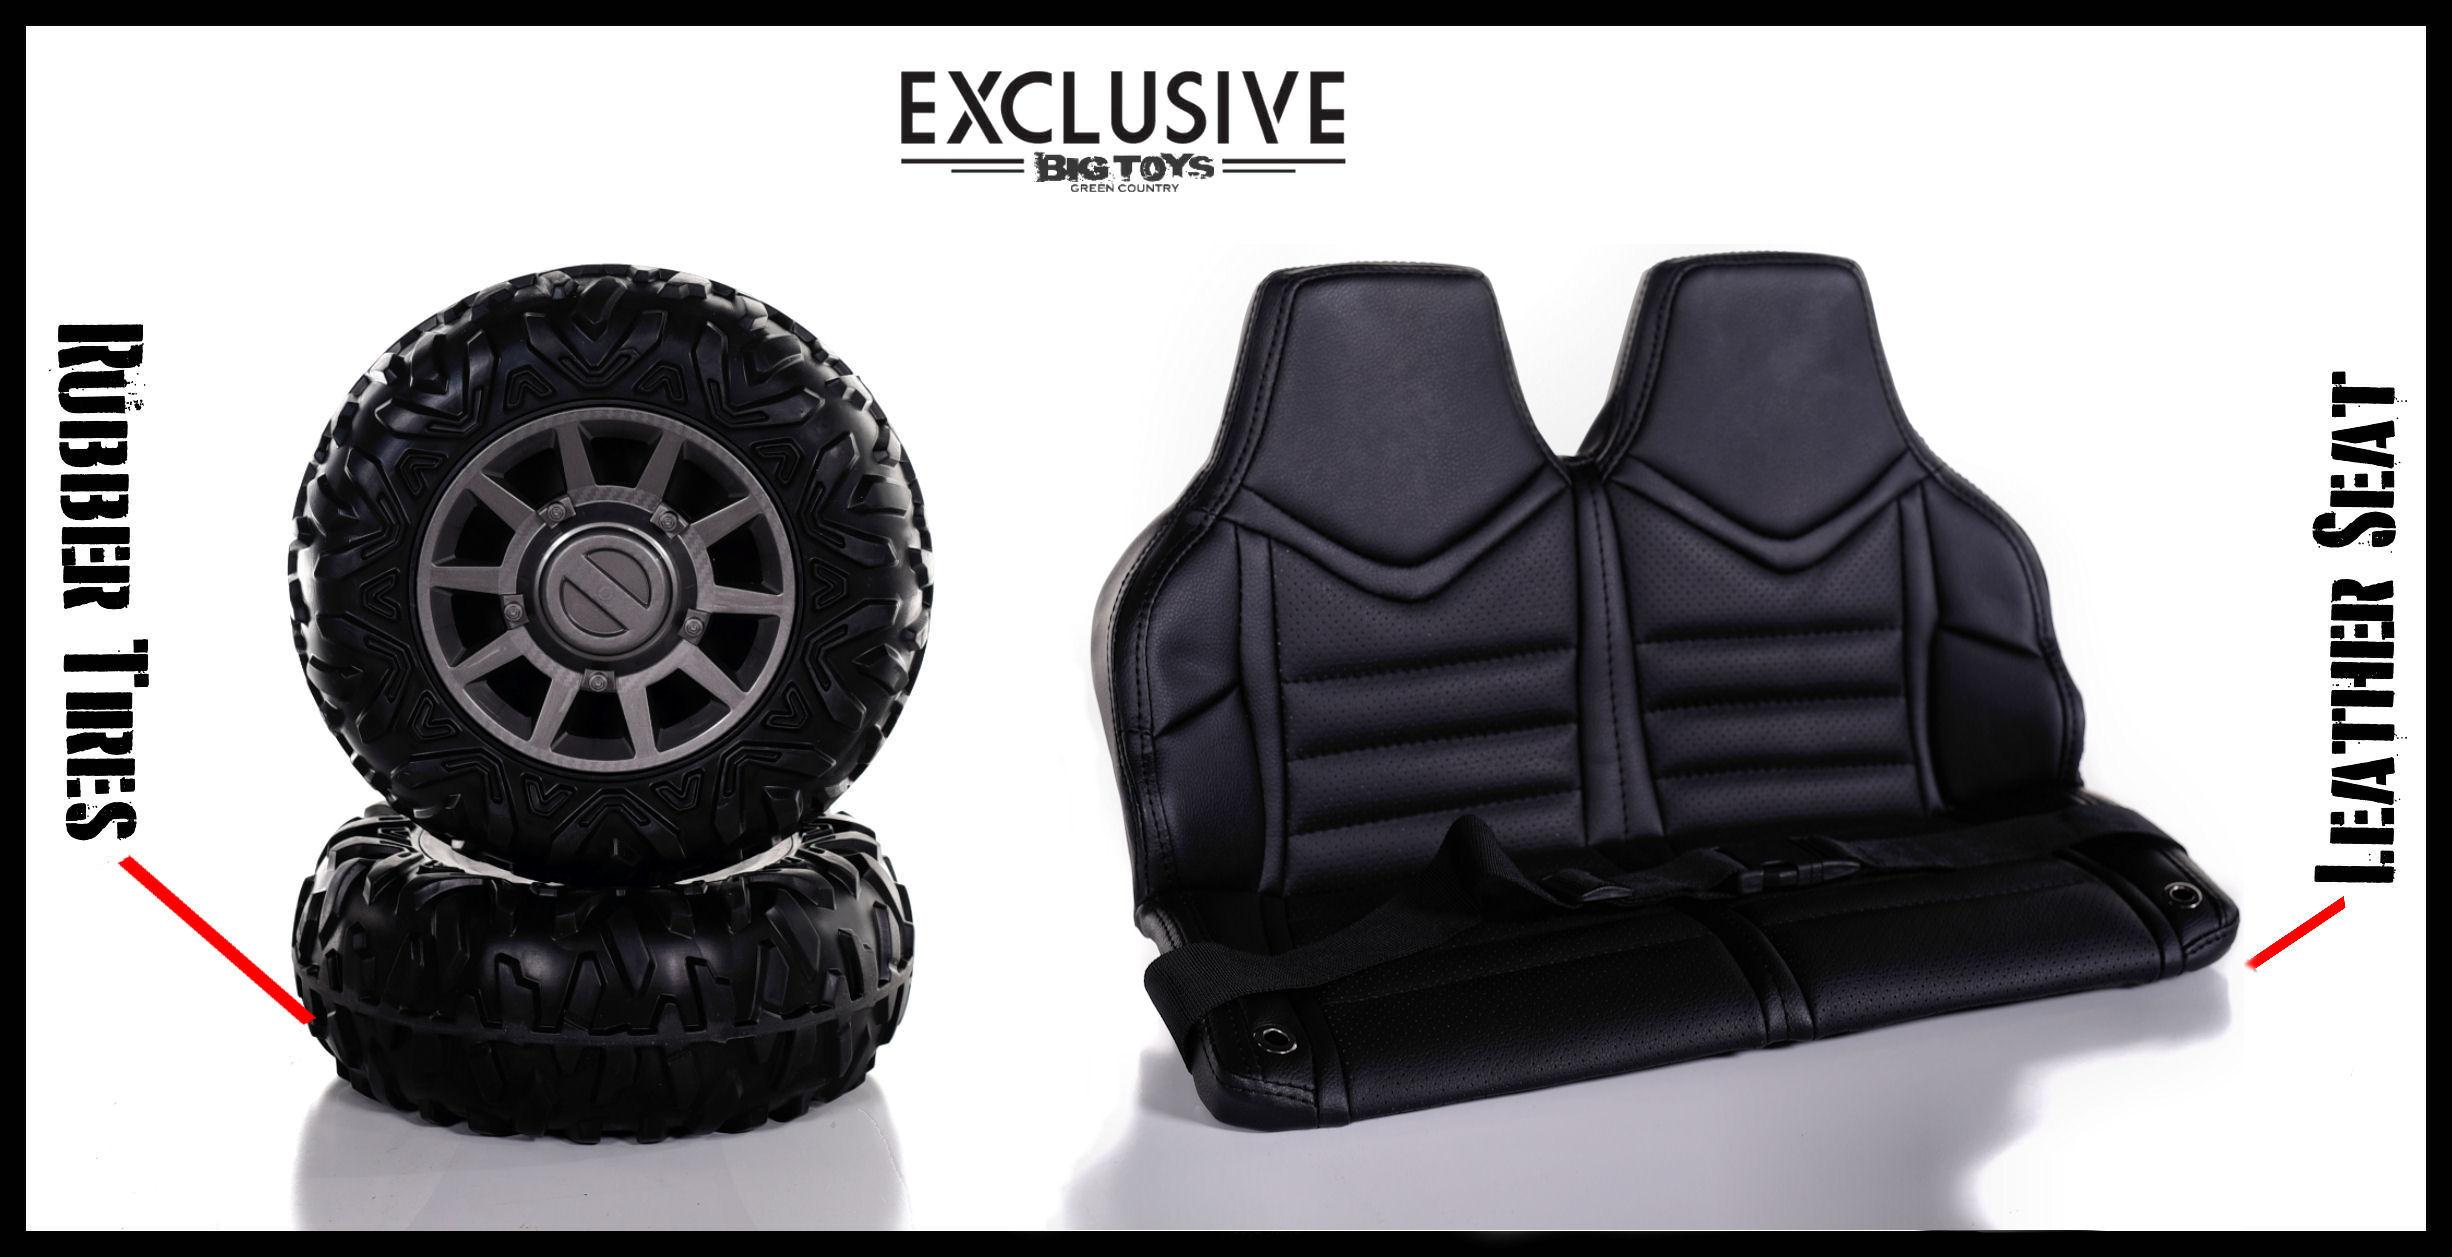 24v-dune-buggy-seat-tires-2.jpg